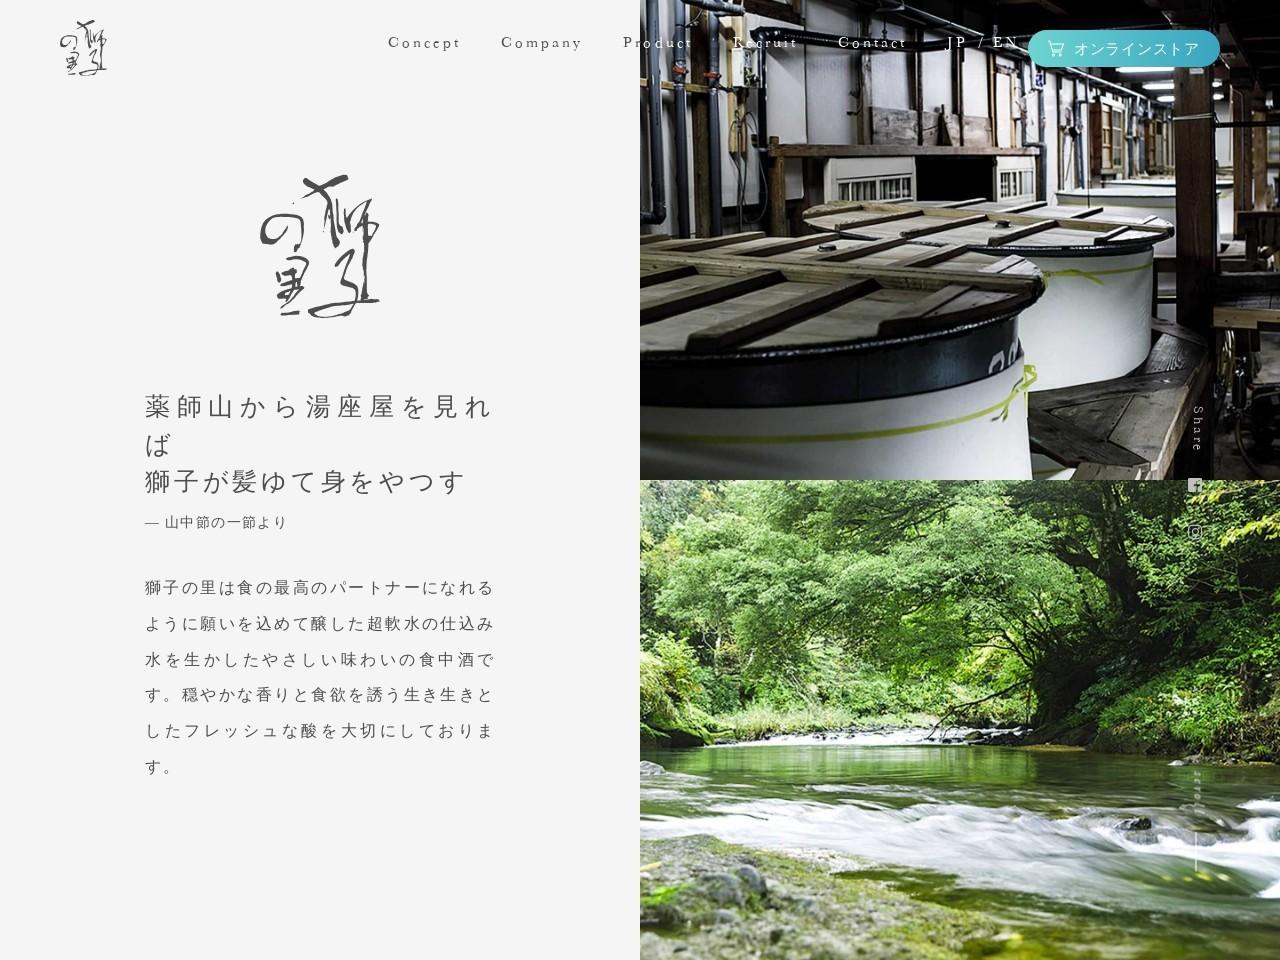 「獅子の里」加賀・山中温泉の酒蔵|松浦酒造